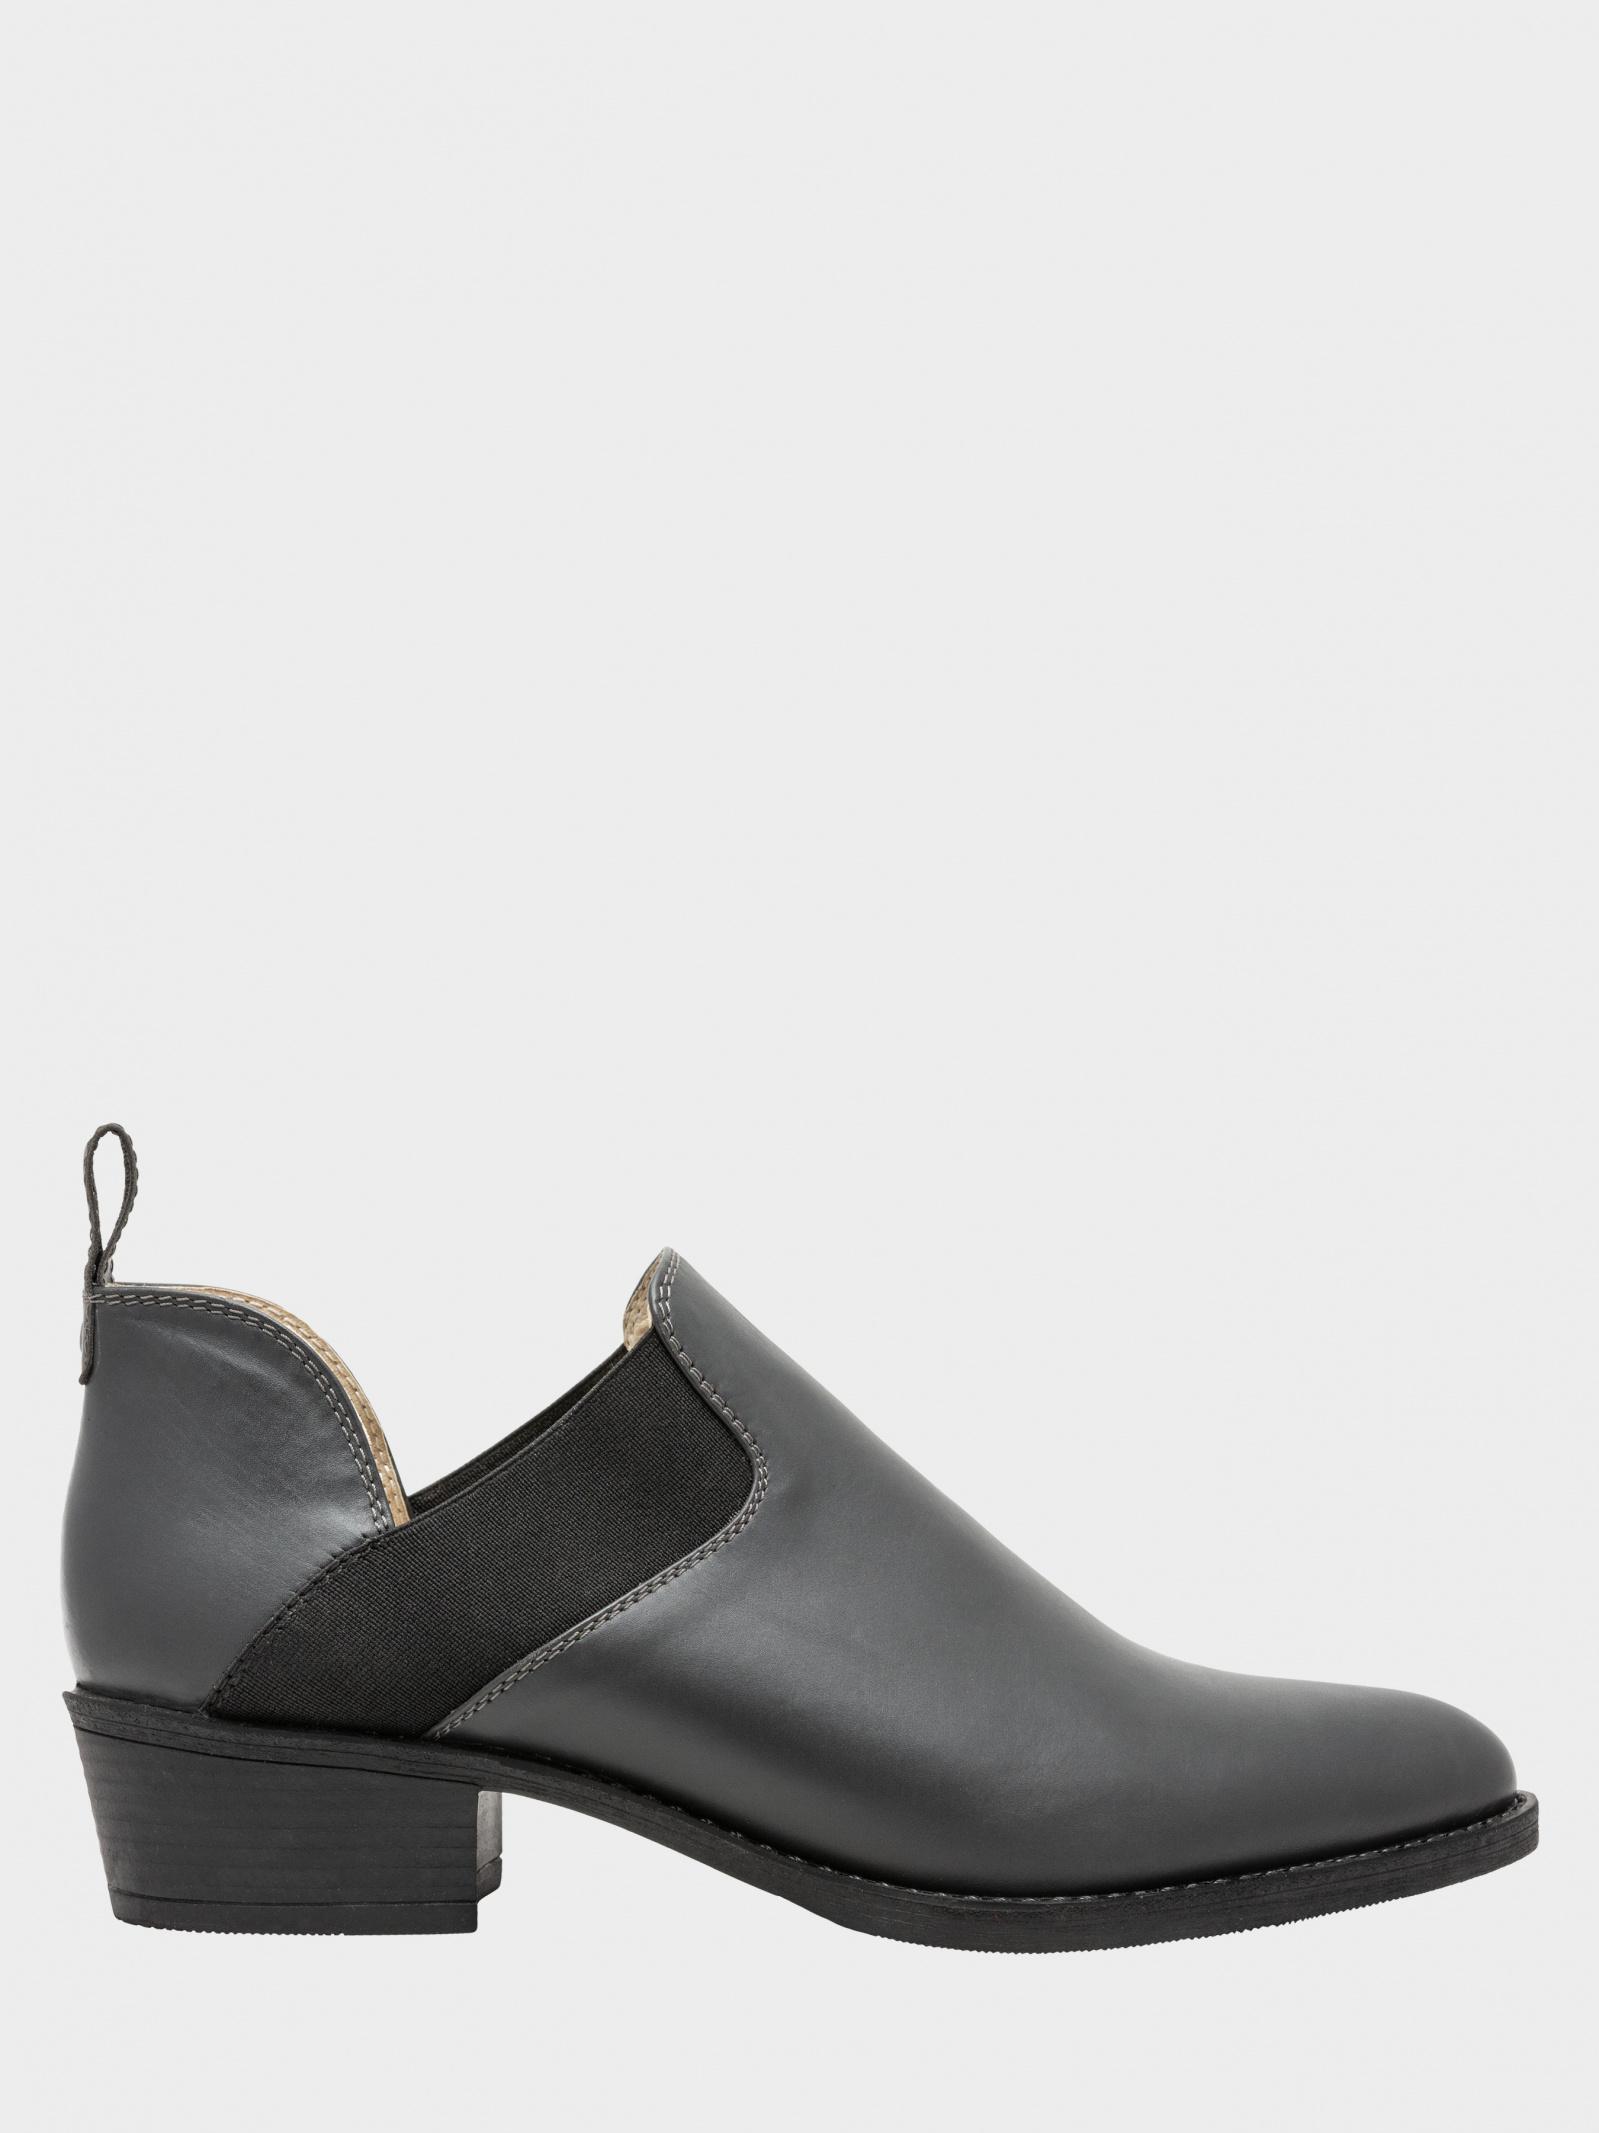 Туфли для женщин Туфли женские ENZO VERRATTI 18-10029gr модная обувь, 2017